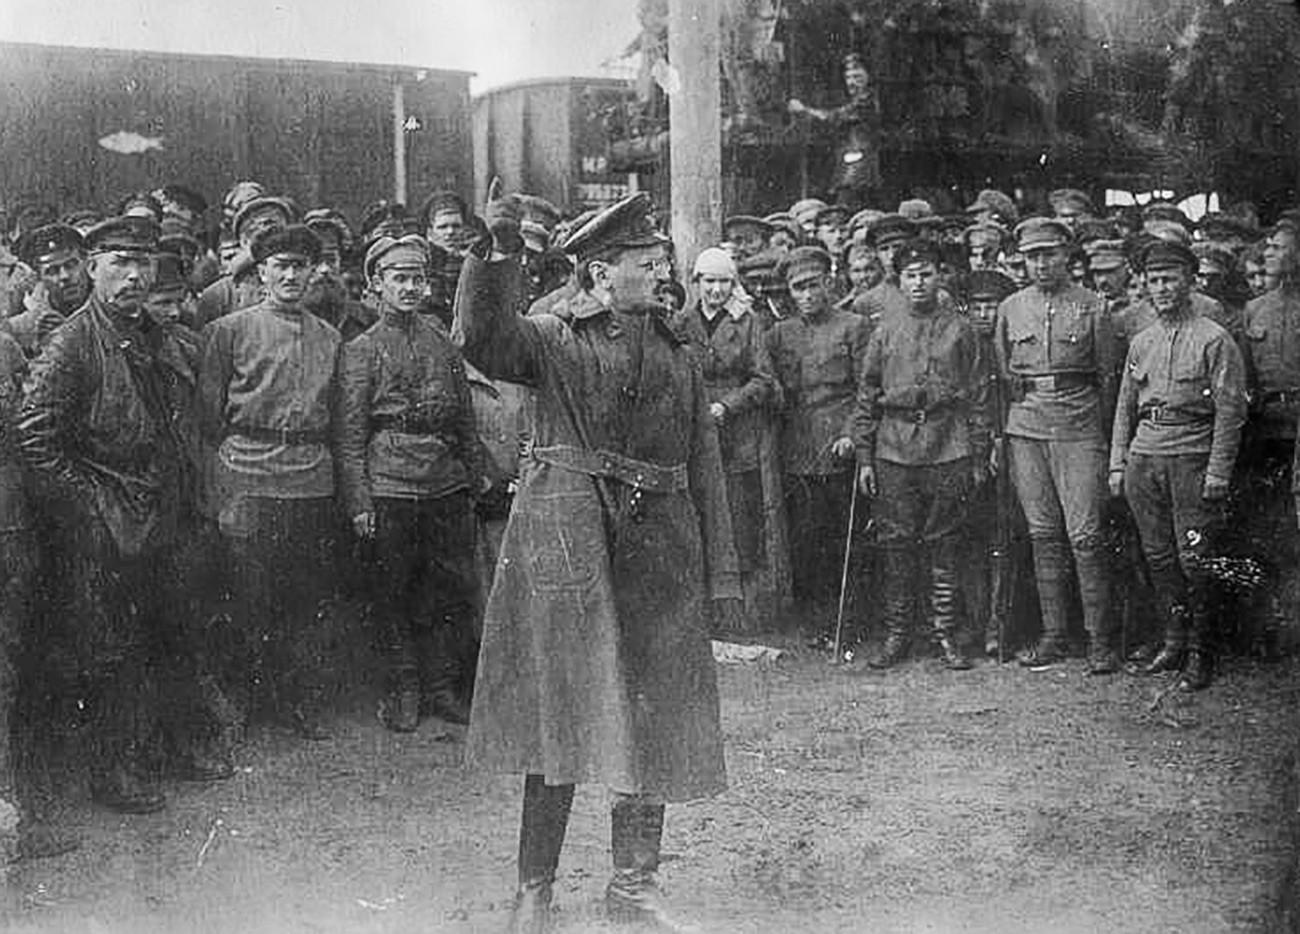 Léon Trotski